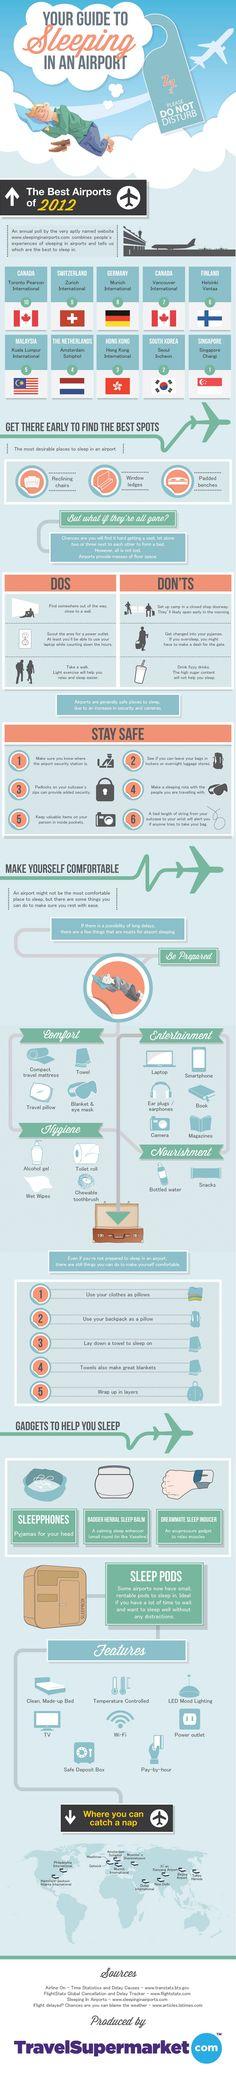 Guía para dormir en un aeropuerto #infografia #infographic #tourism | TICs y Formación